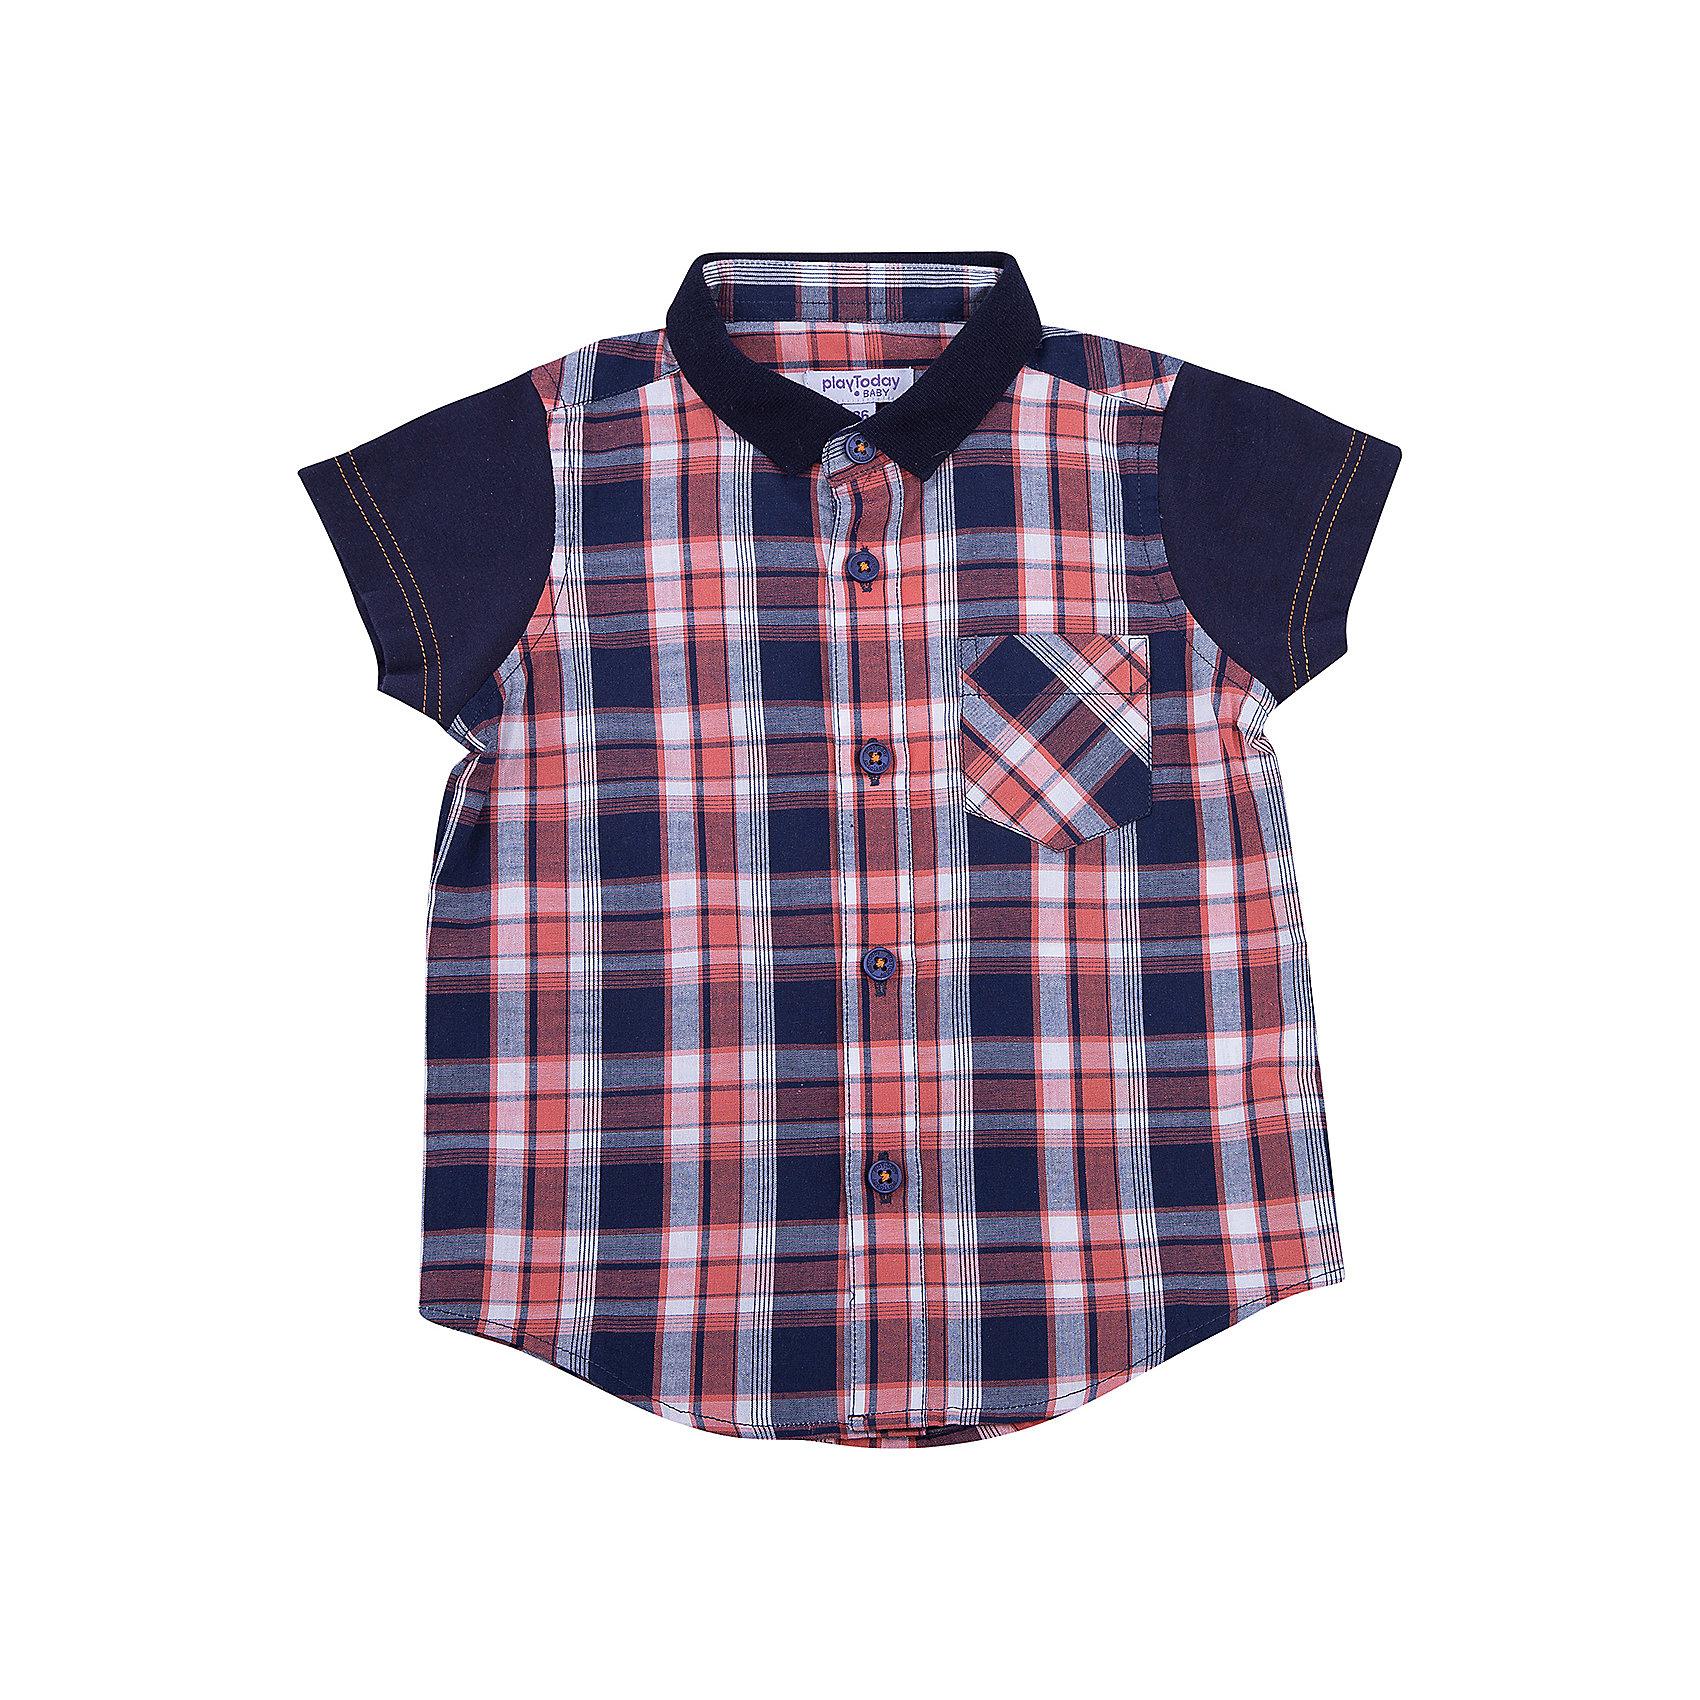 Рубашка для мальчика PlayTodayБлузки и рубашки<br>Рубашка для мальчика PlayToday<br>Эффектная сорочка с коротким рукавом для мальчика в стиле кантри.  Практична и очень удобна для повседневной носки. Ткань  мягкая и приятная на ощупь, не раздражает нежную детскую кожу. Стиль отвечает всем последним тенденциям детской моды.  Рубашка с отложным воротничком и накладным карманом. Даже в самой активной игре  Ваш ребенок будет всегда иметь аккуратный вид.Преимущества: Качественная тонкая ткань не раздражает нежную кожу ребенкаМодель с отложным воротником  и накладным карманом<br>Состав:<br>100% хлопок<br><br>Ширина мм: 157<br>Глубина мм: 13<br>Высота мм: 119<br>Вес г: 200<br>Цвет: разноцветный<br>Возраст от месяцев: 18<br>Возраст до месяцев: 24<br>Пол: Мужской<br>Возраст: Детский<br>Размер: 92,74,80,86<br>SKU: 5407855